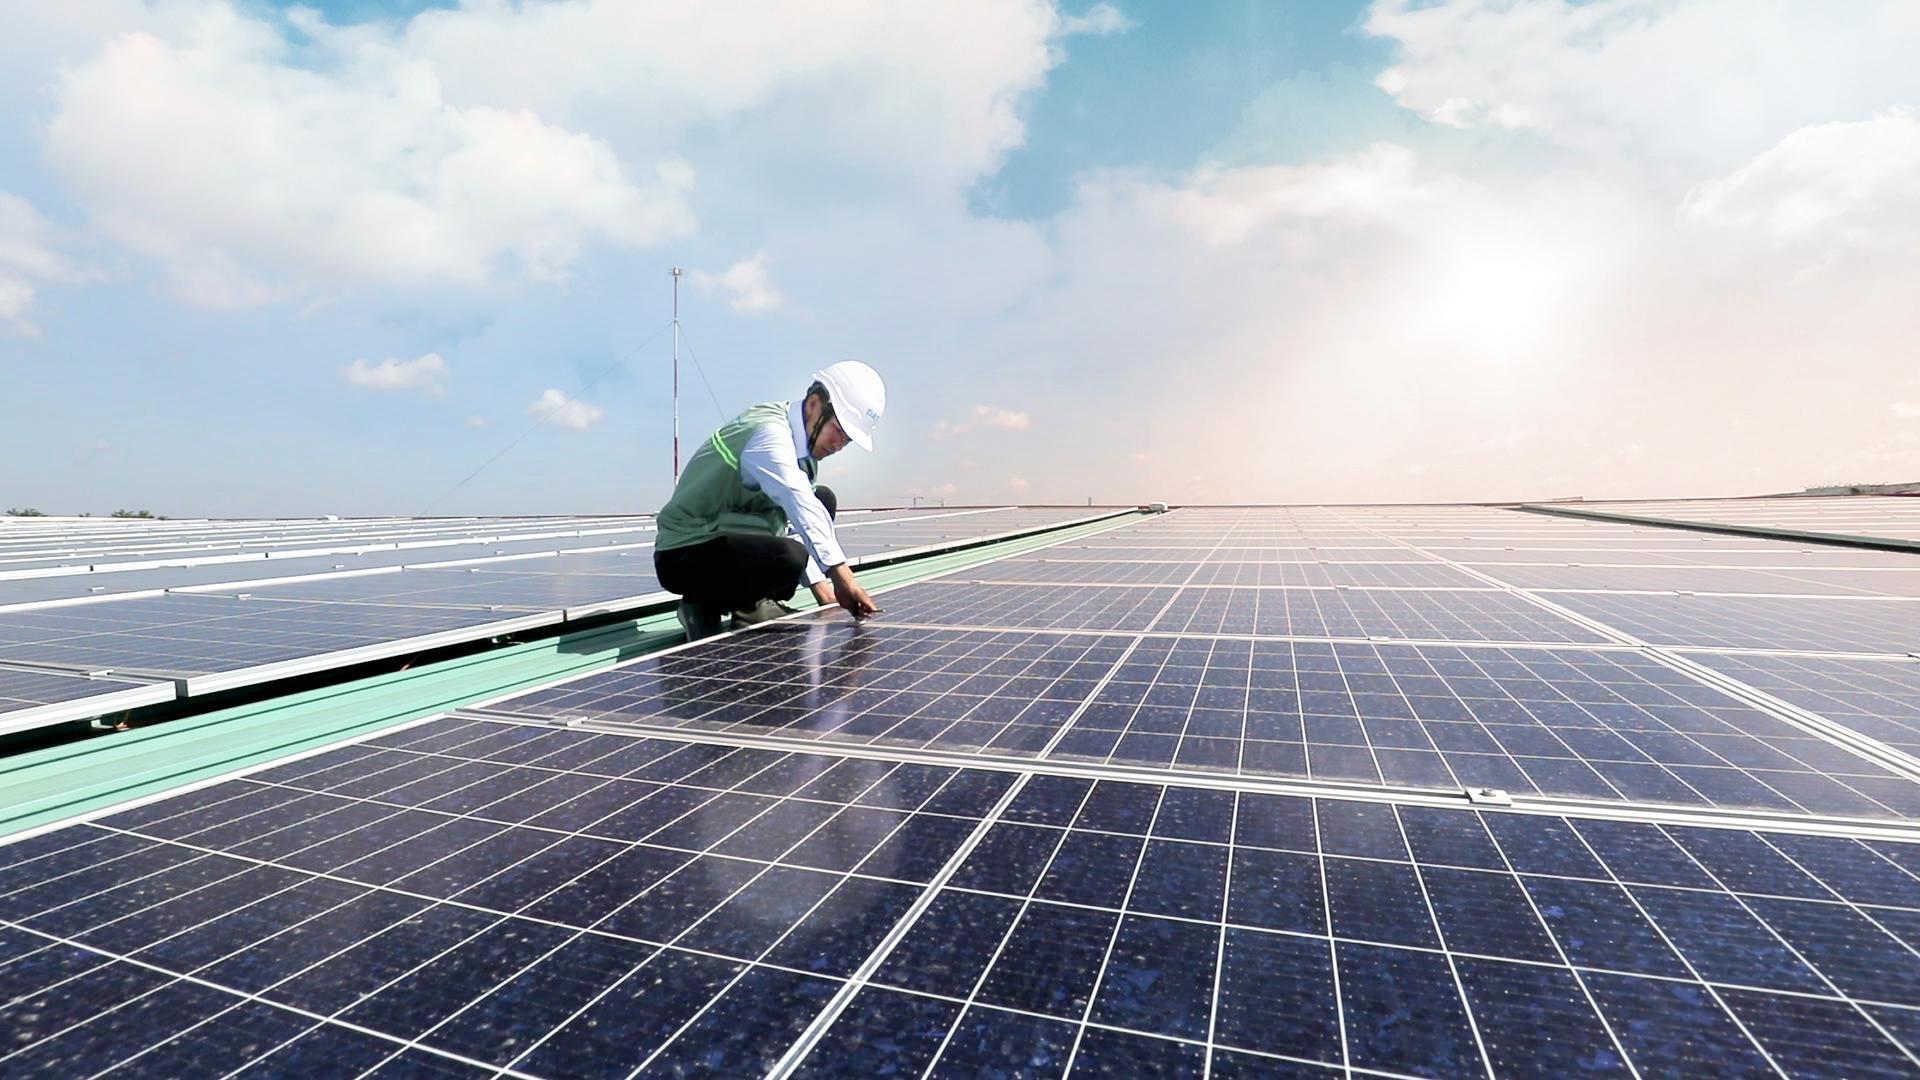 Bộ Công Thương ban hành văn bản hướng dẫn về đầu tư điện mặt trời mái nhà